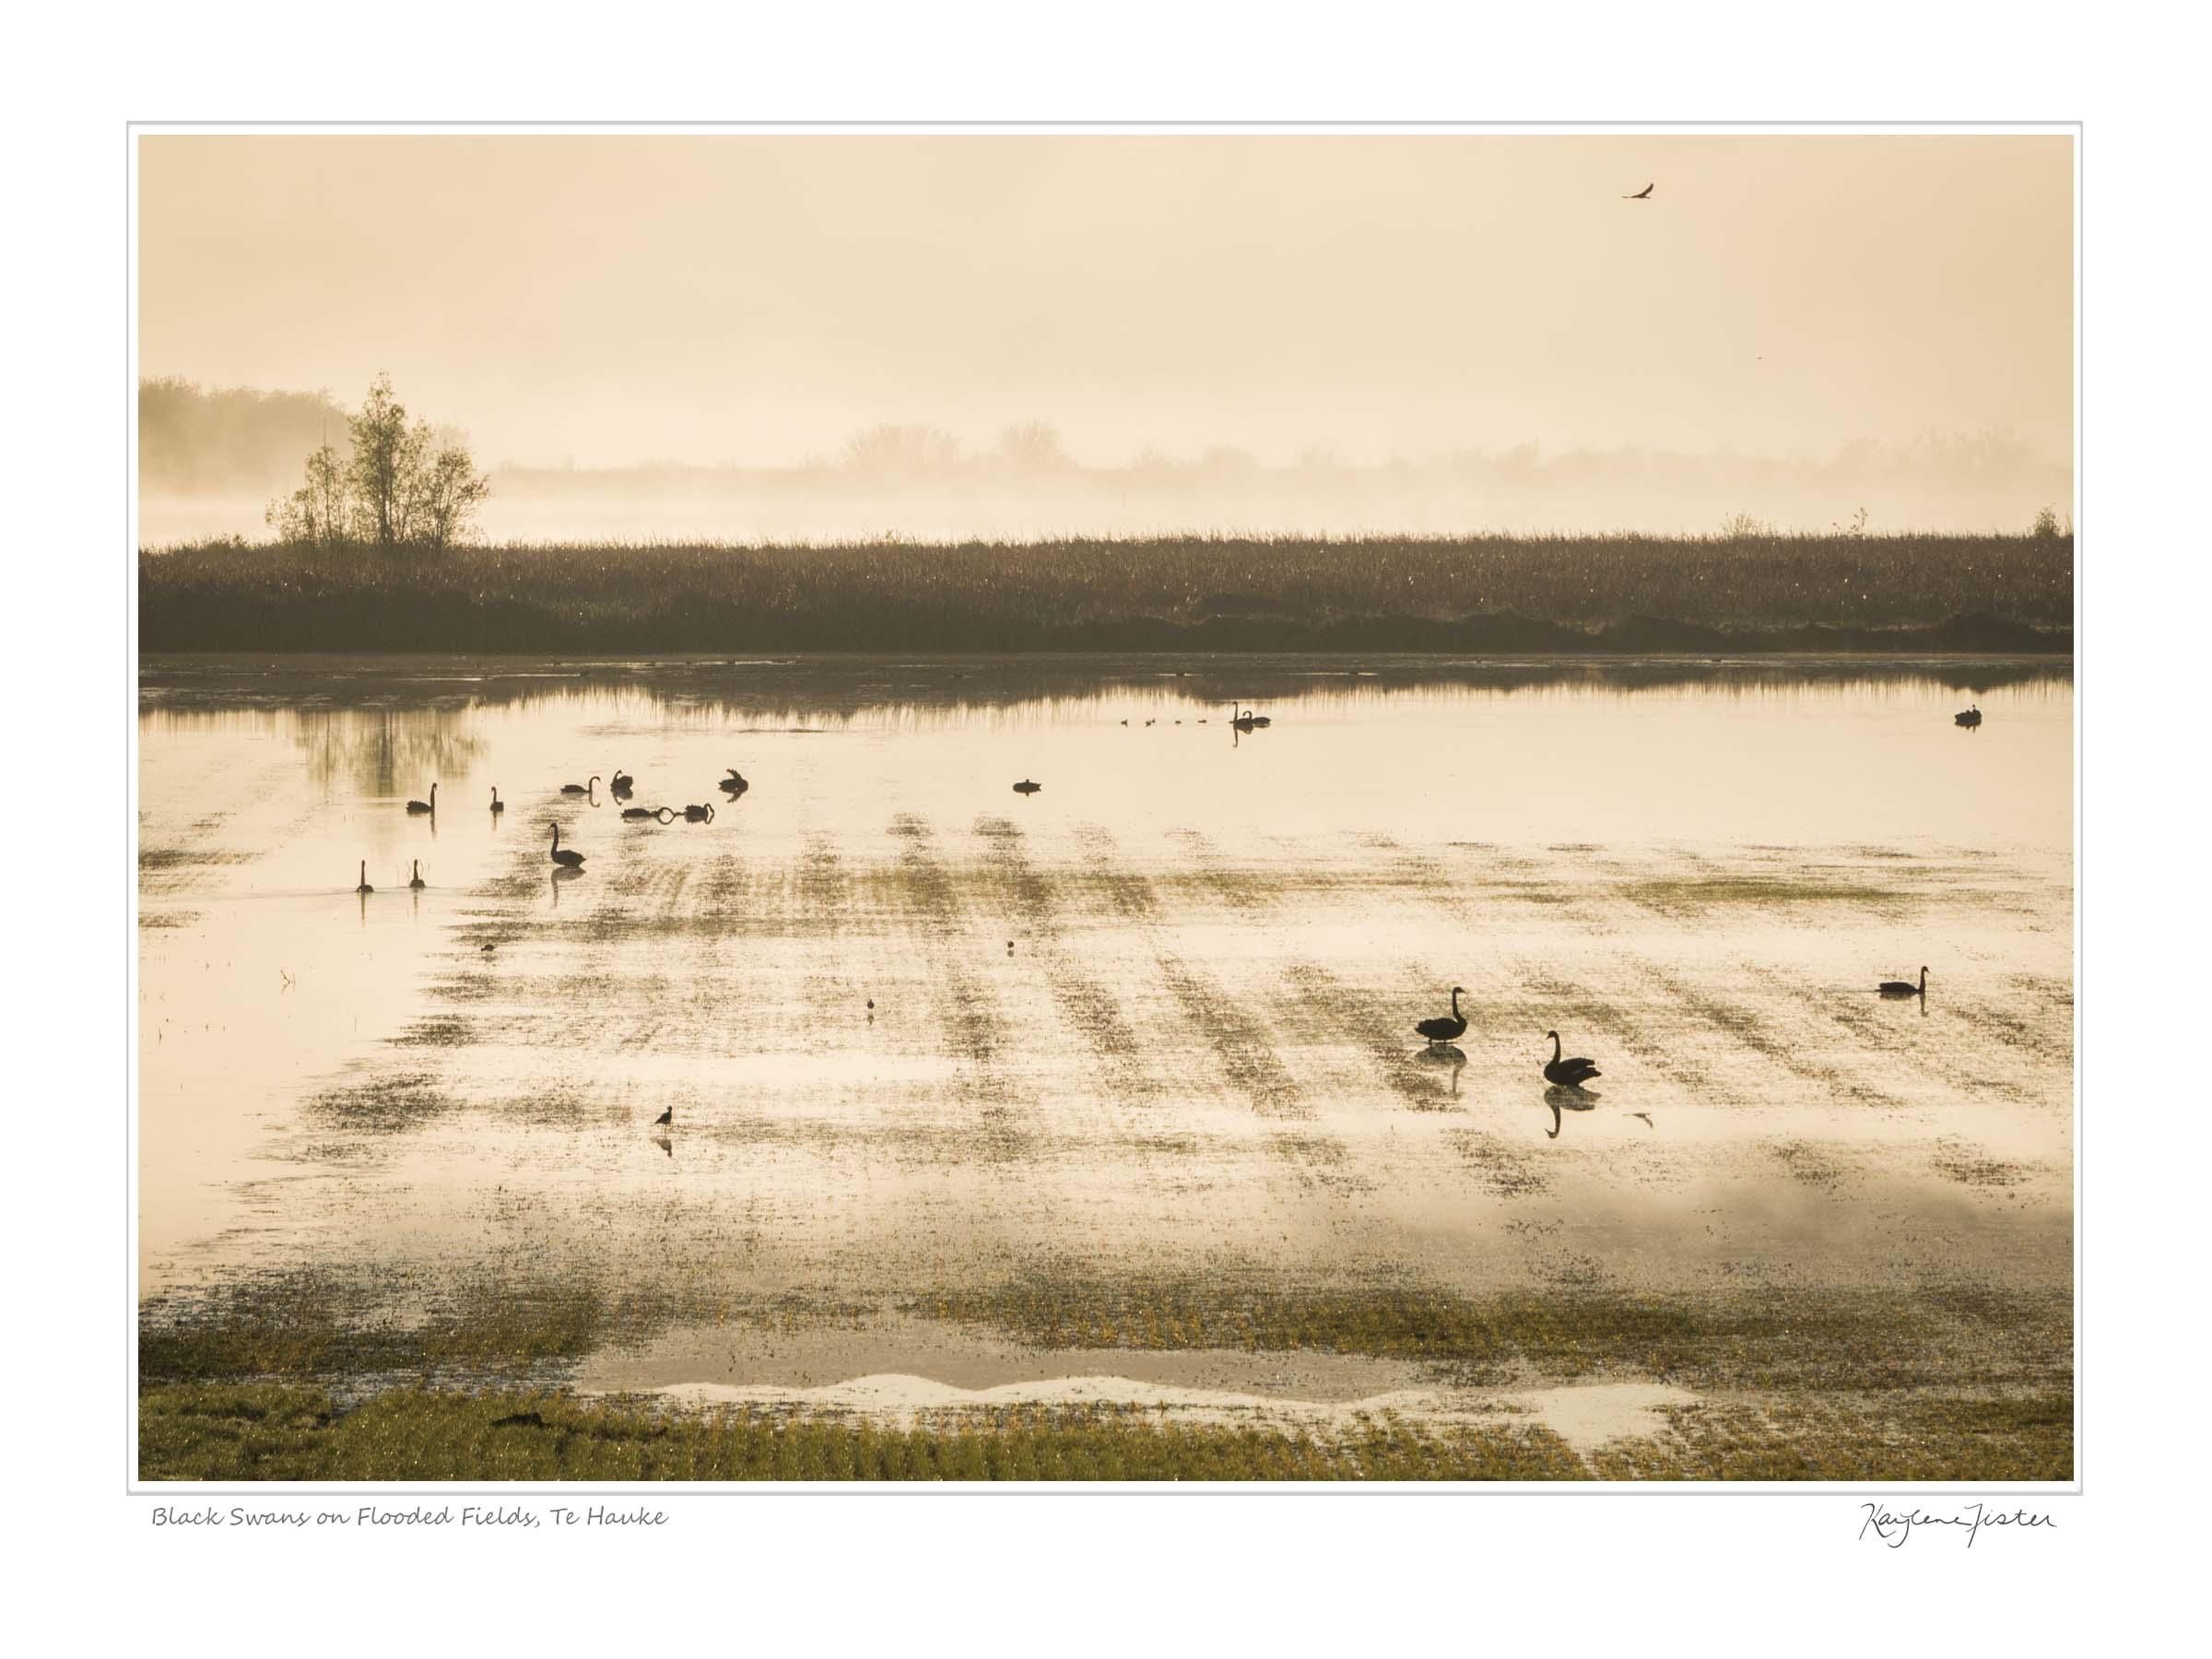 0061:4947 Black Swans on Flooded Fields, Te Hauke